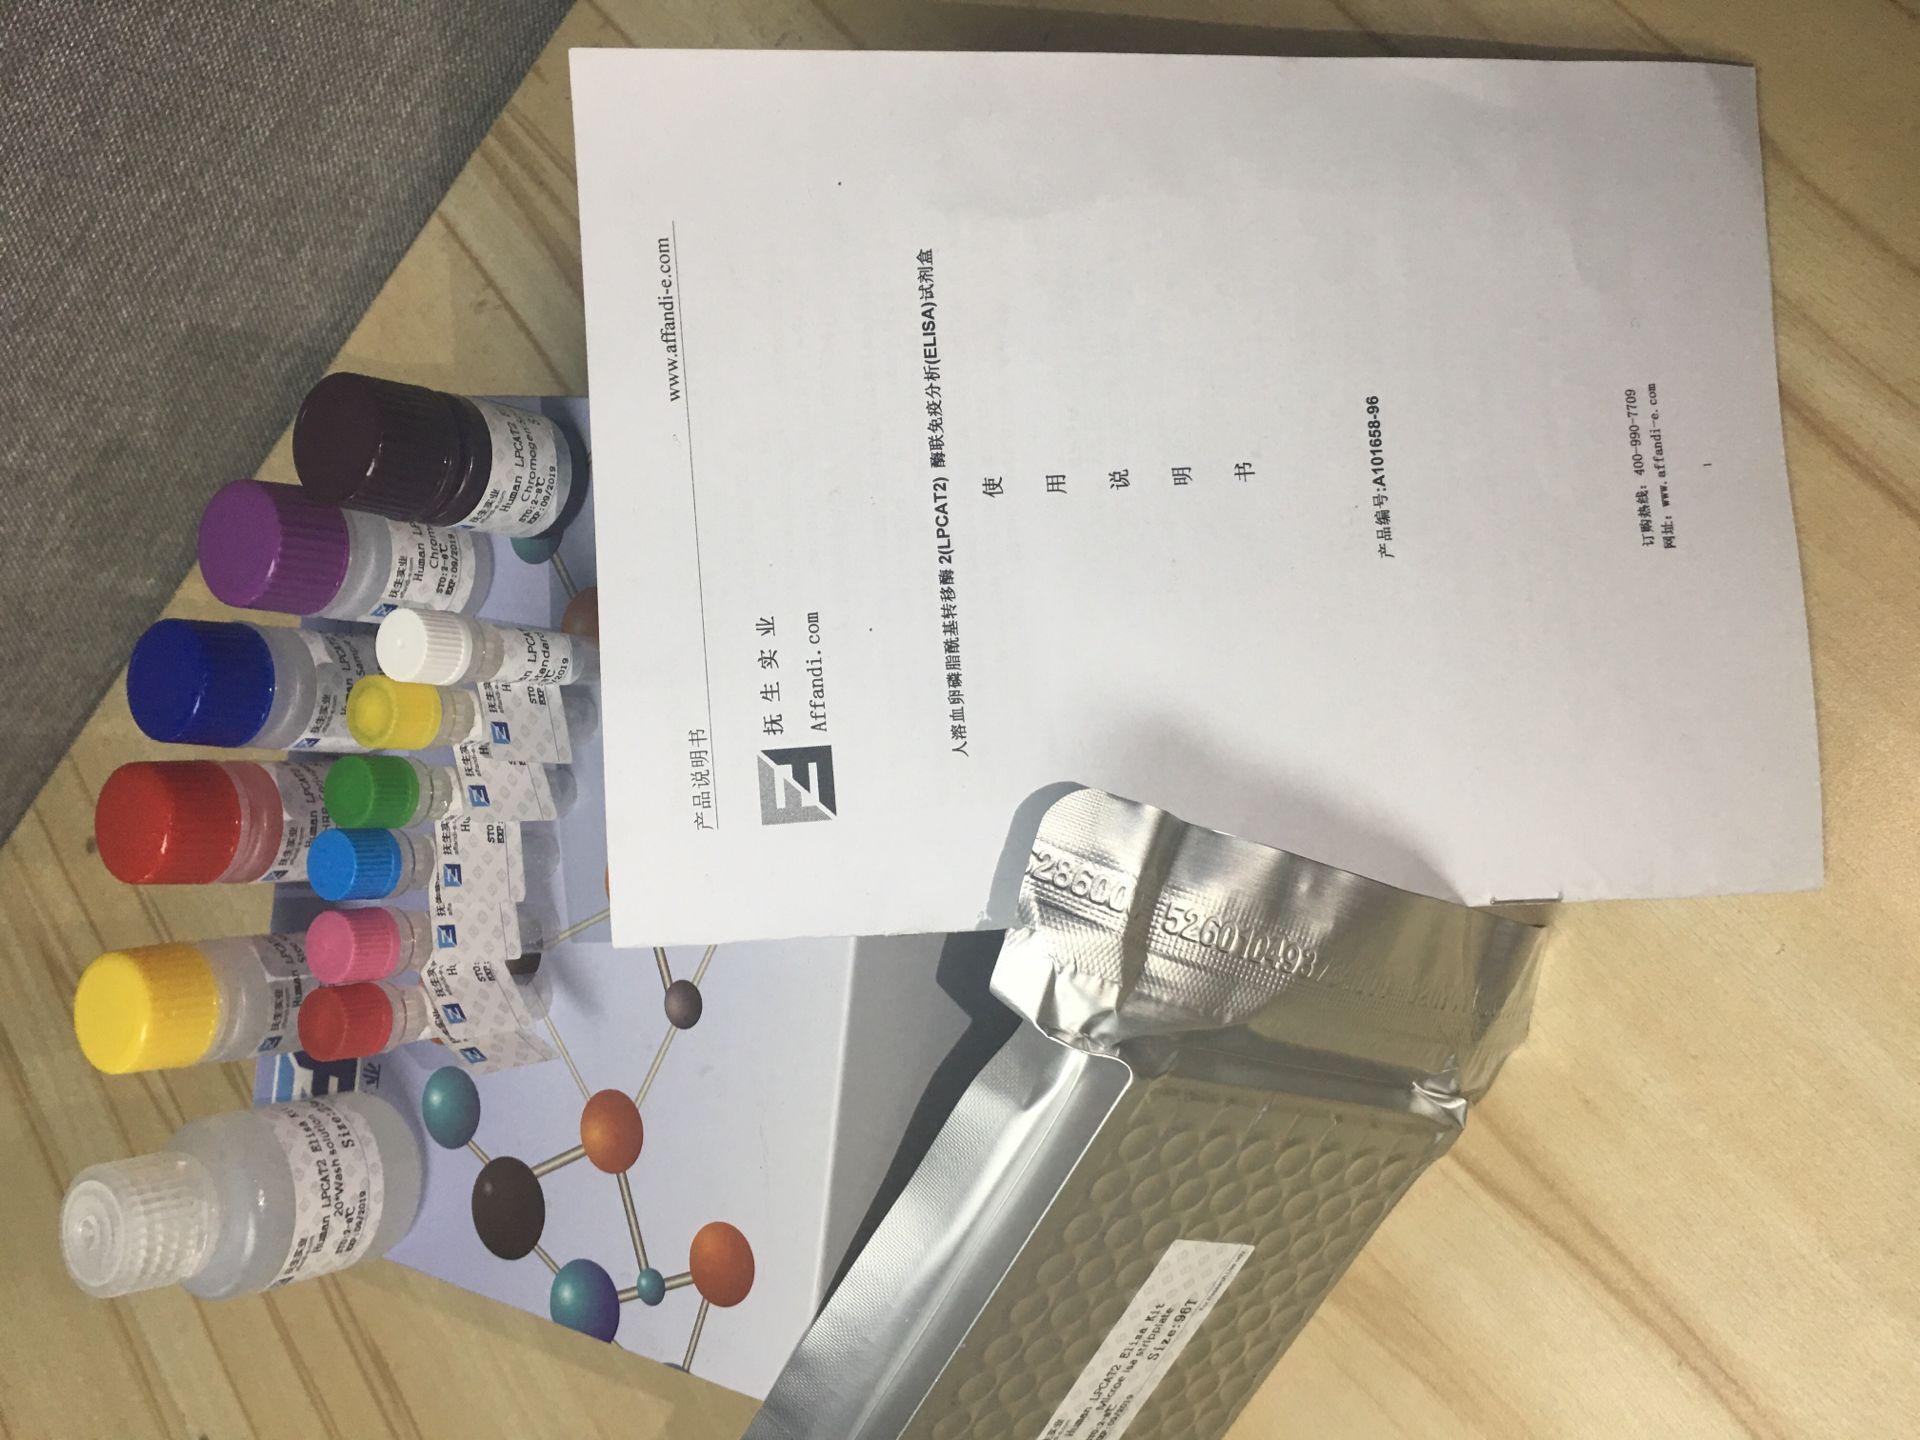 补体成分1q受体检测试剂盒